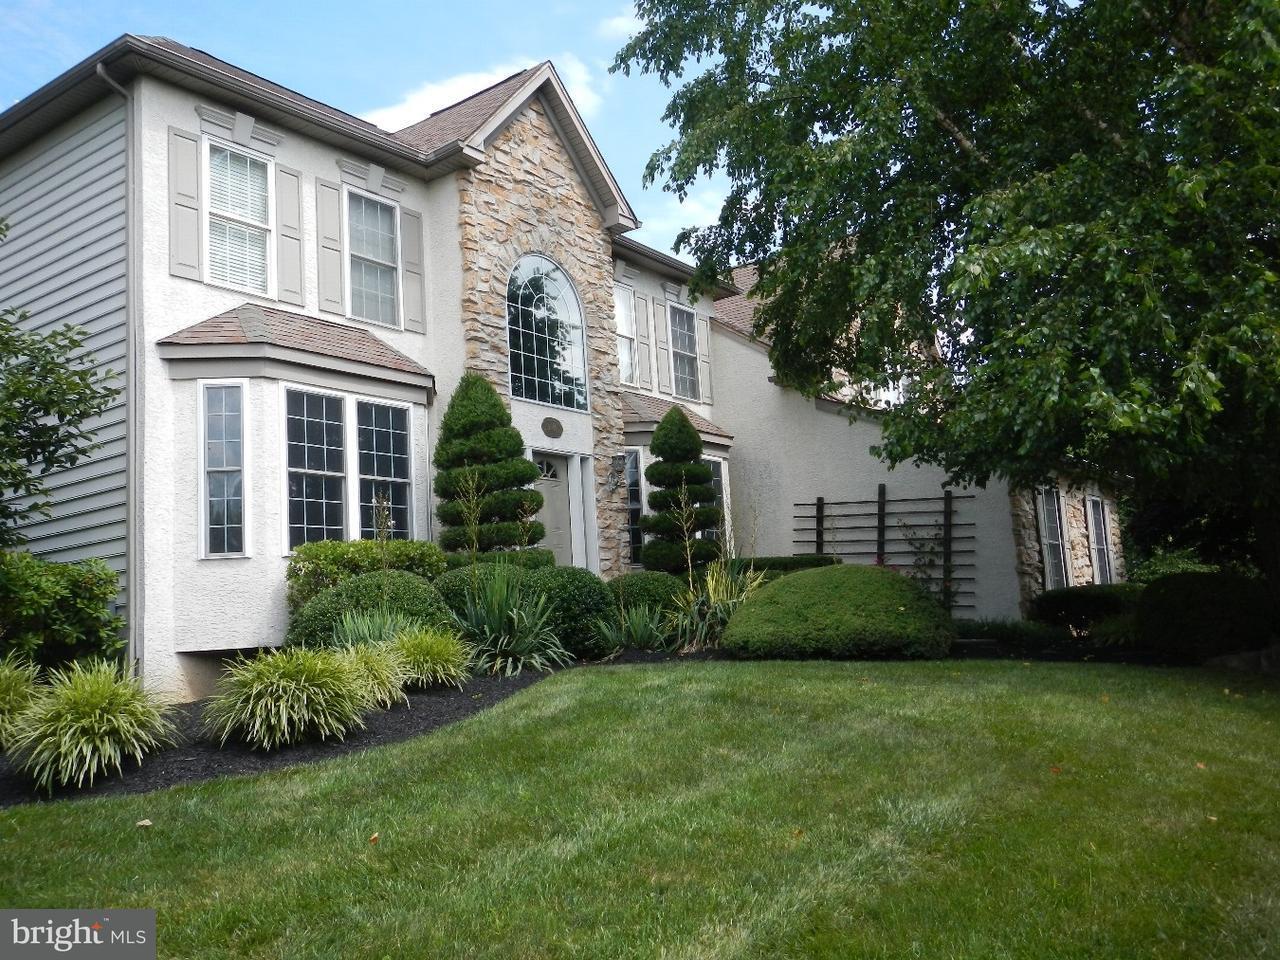 Частный односемейный дом для того Продажа на 2560 CRESTLINE Drive Lansdale, Пенсильвания 19446 Соединенные Штаты